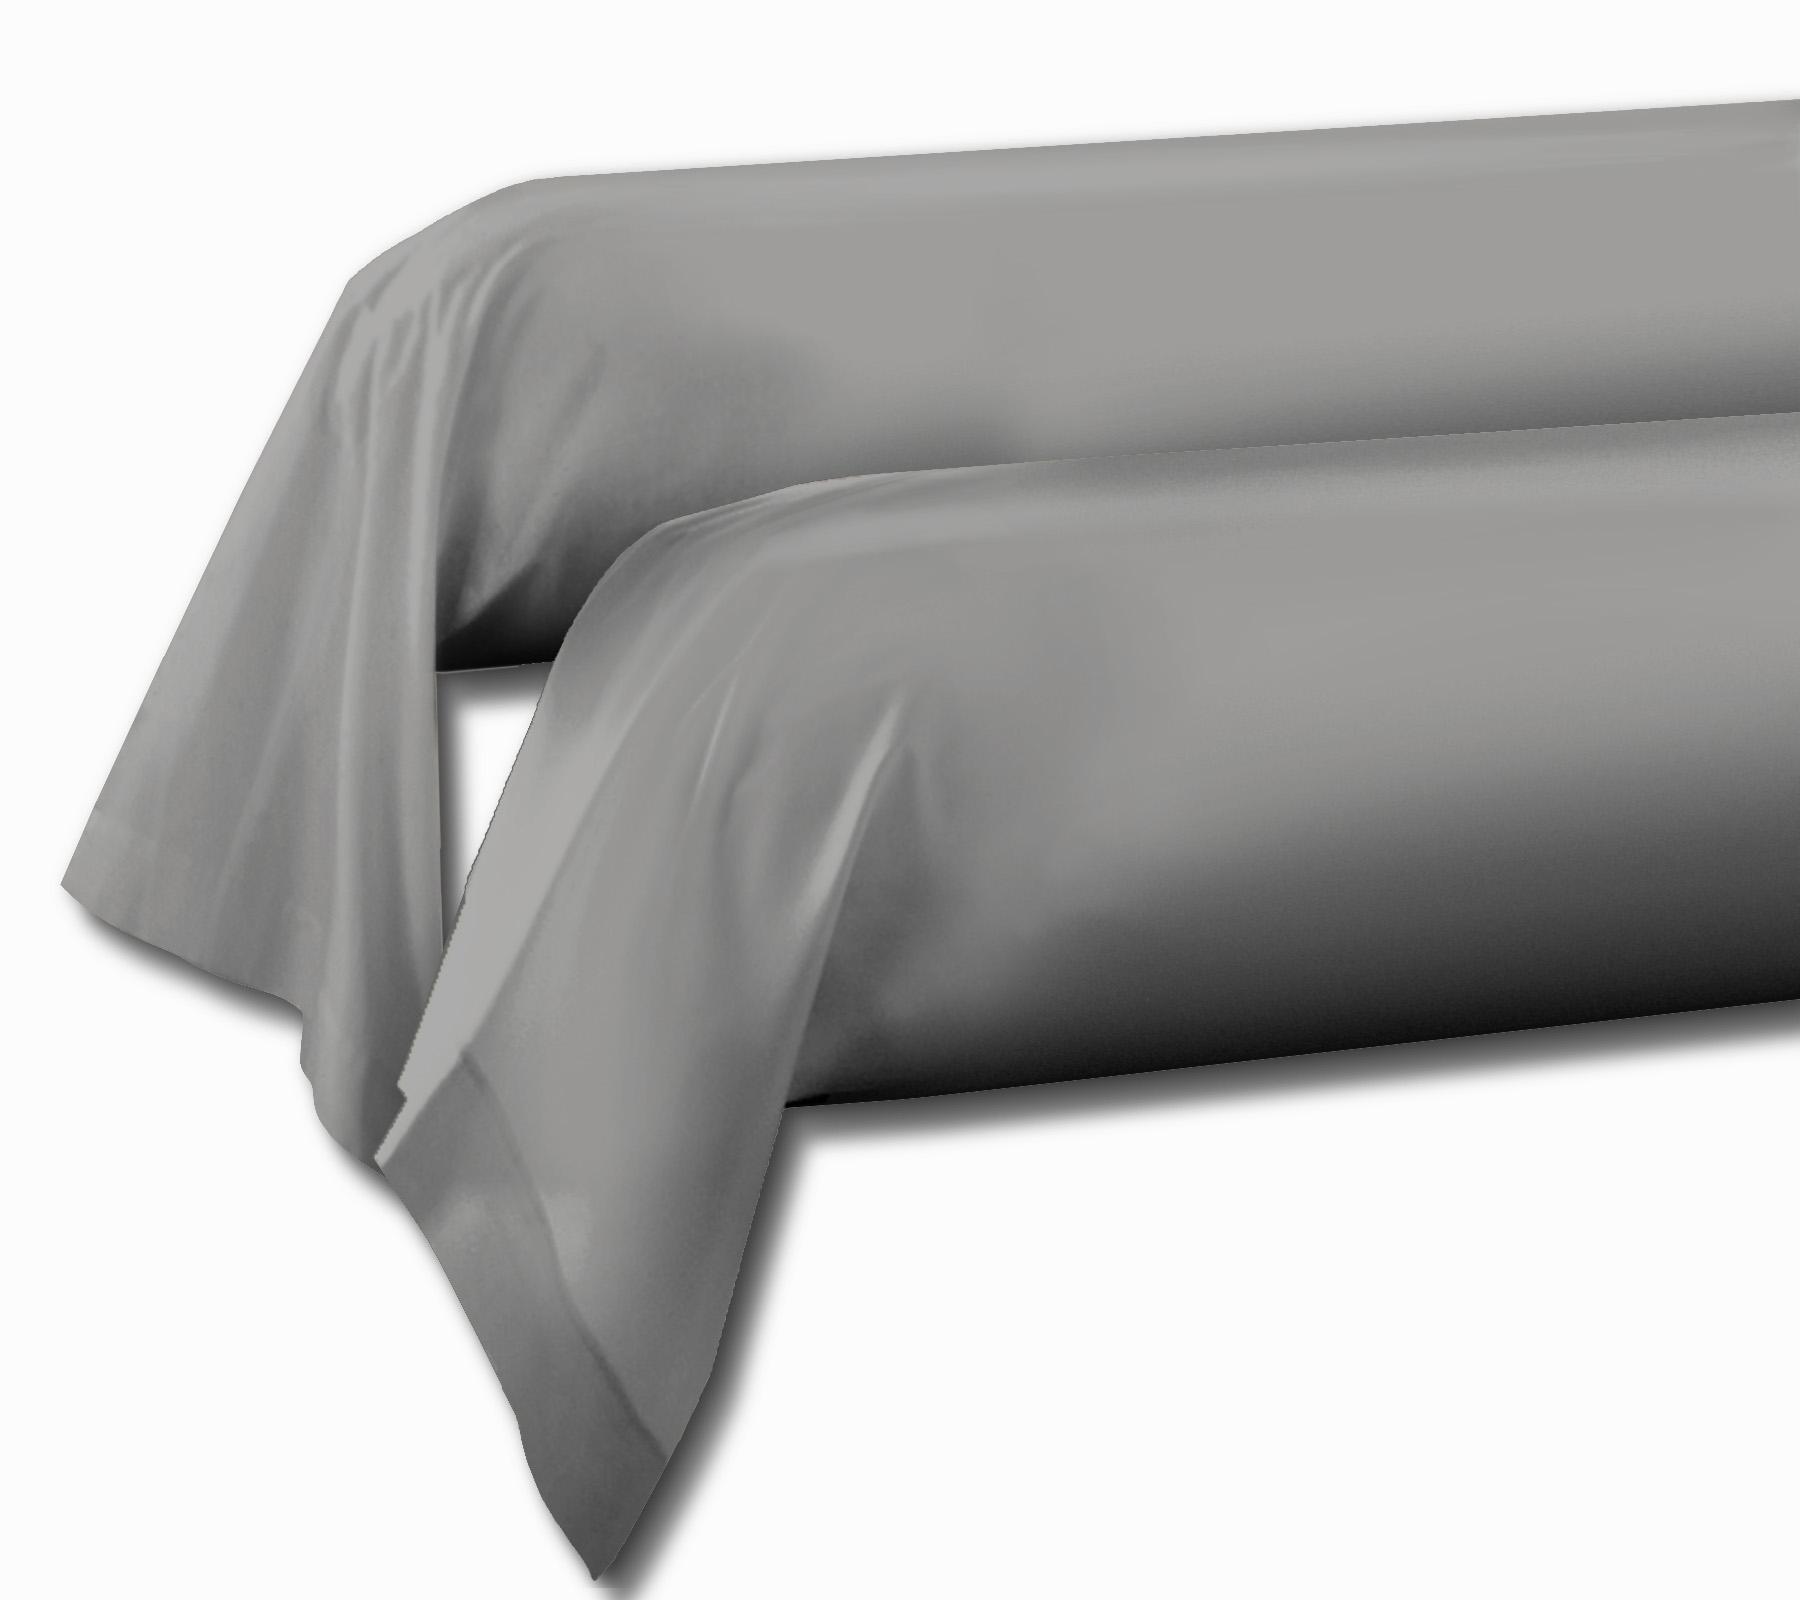 Paire de taies 100% coton 85x185 gris clair